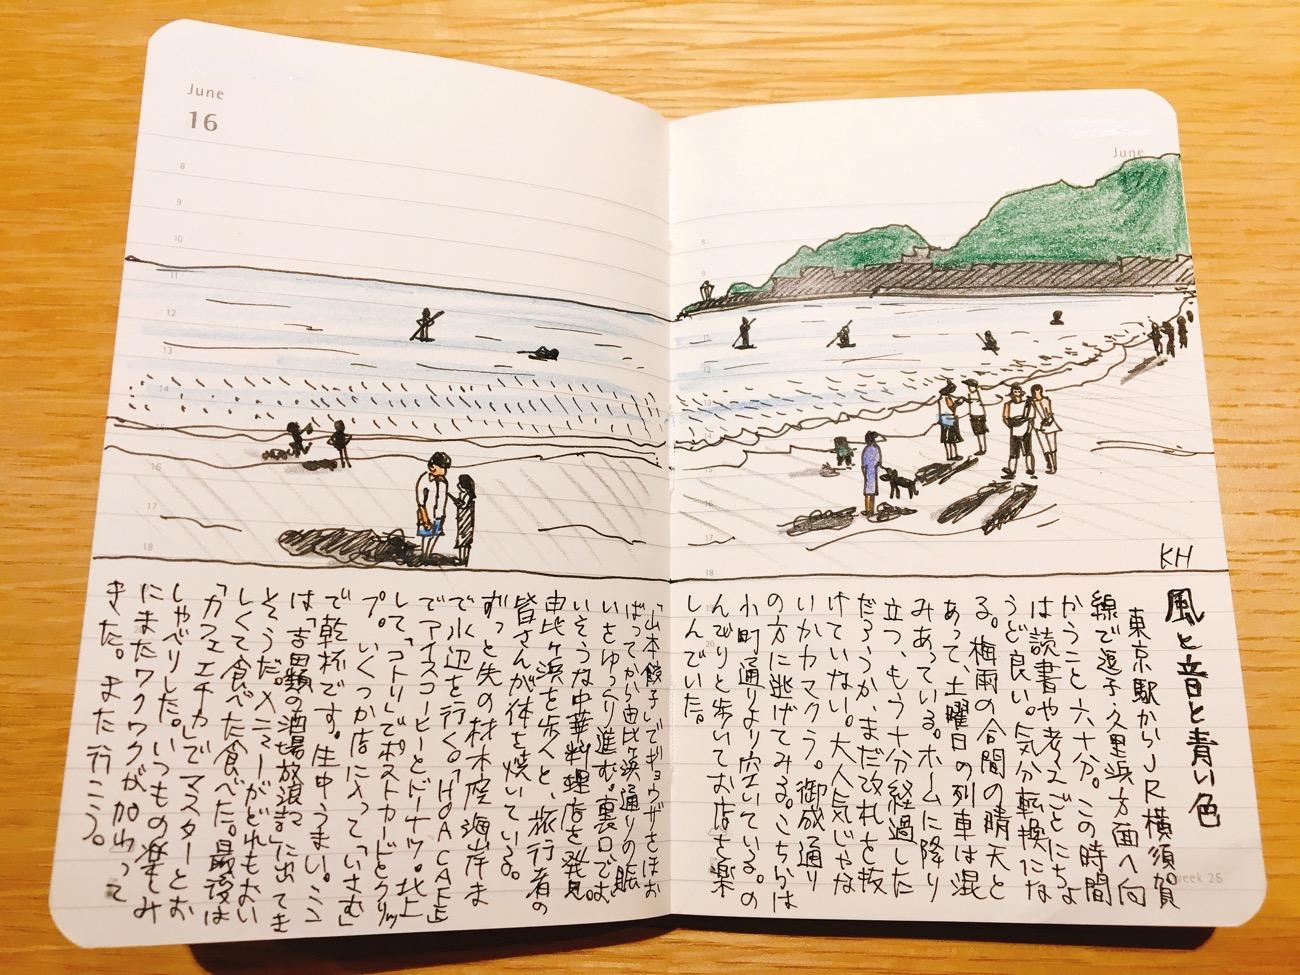 デイリーダイアリー:海の話